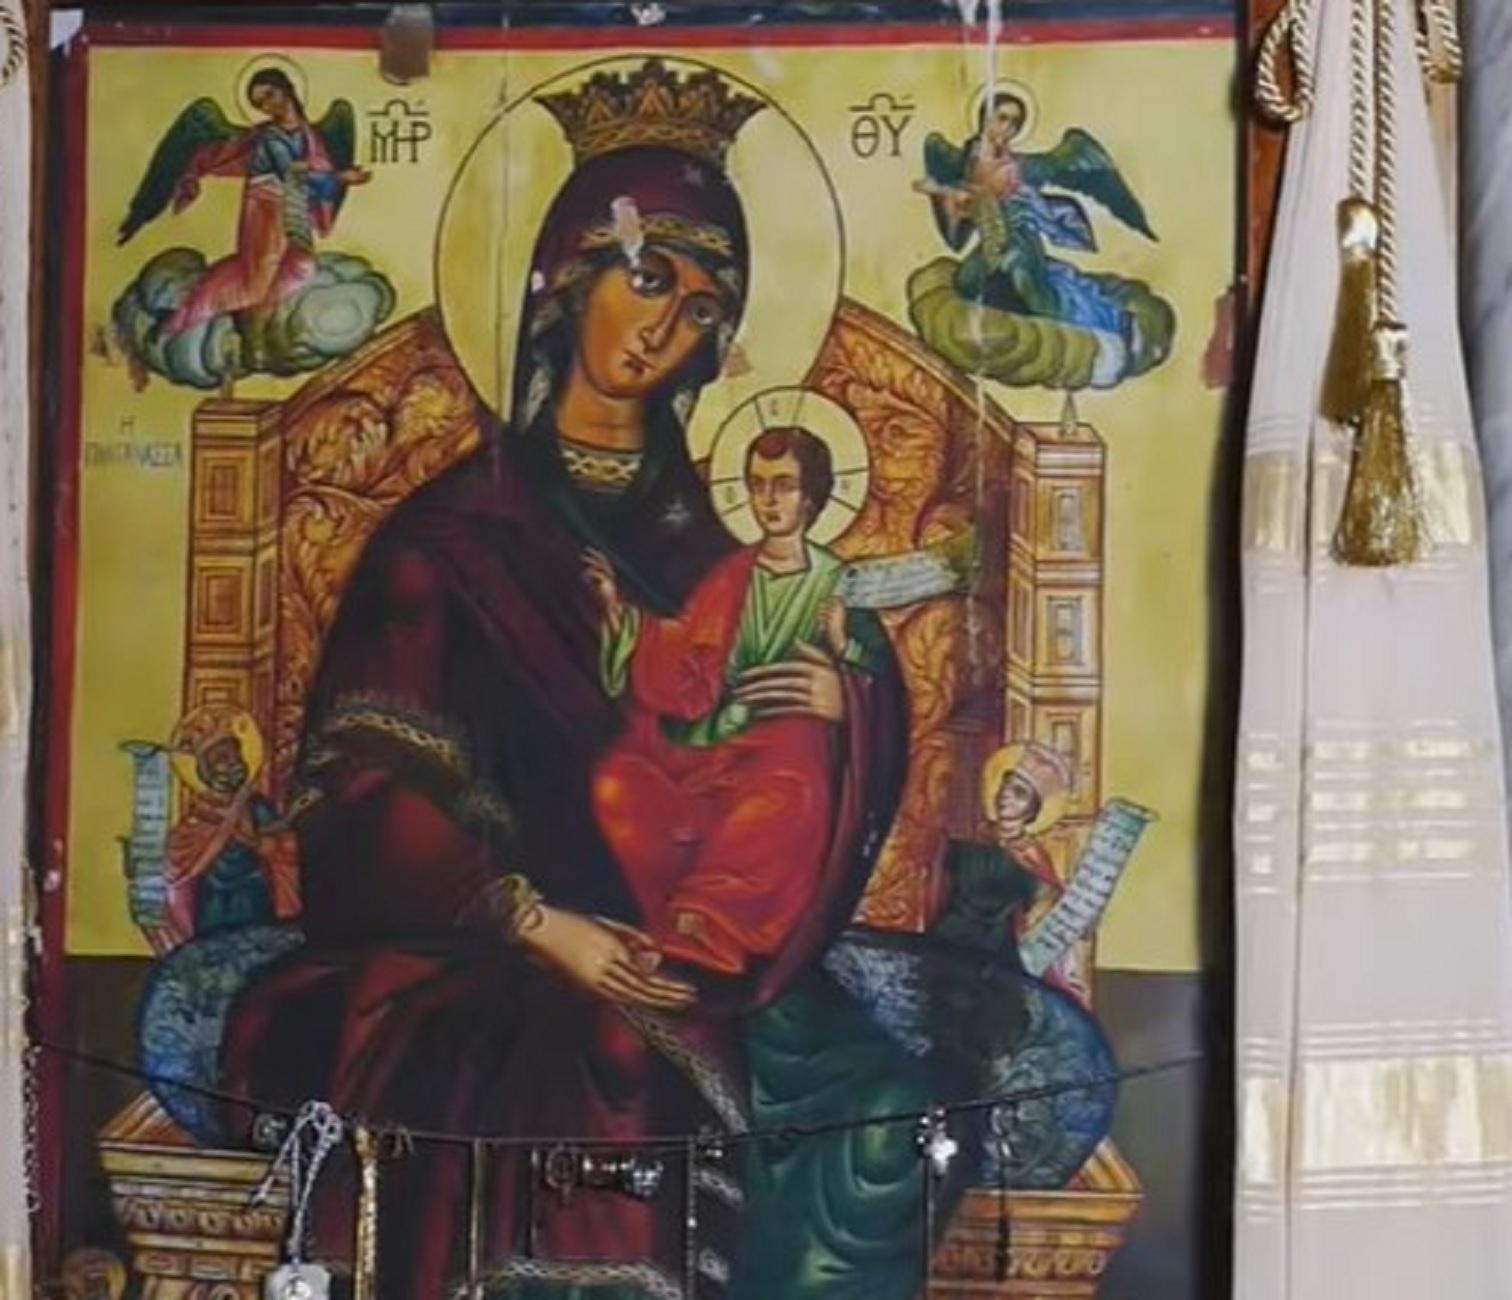 Αγρίνιο: Η φωτιά στην εκκλησία σταμάτησε μπροστά στην εικόνα της Παναγίας – Η συγκίνηση των πιστών